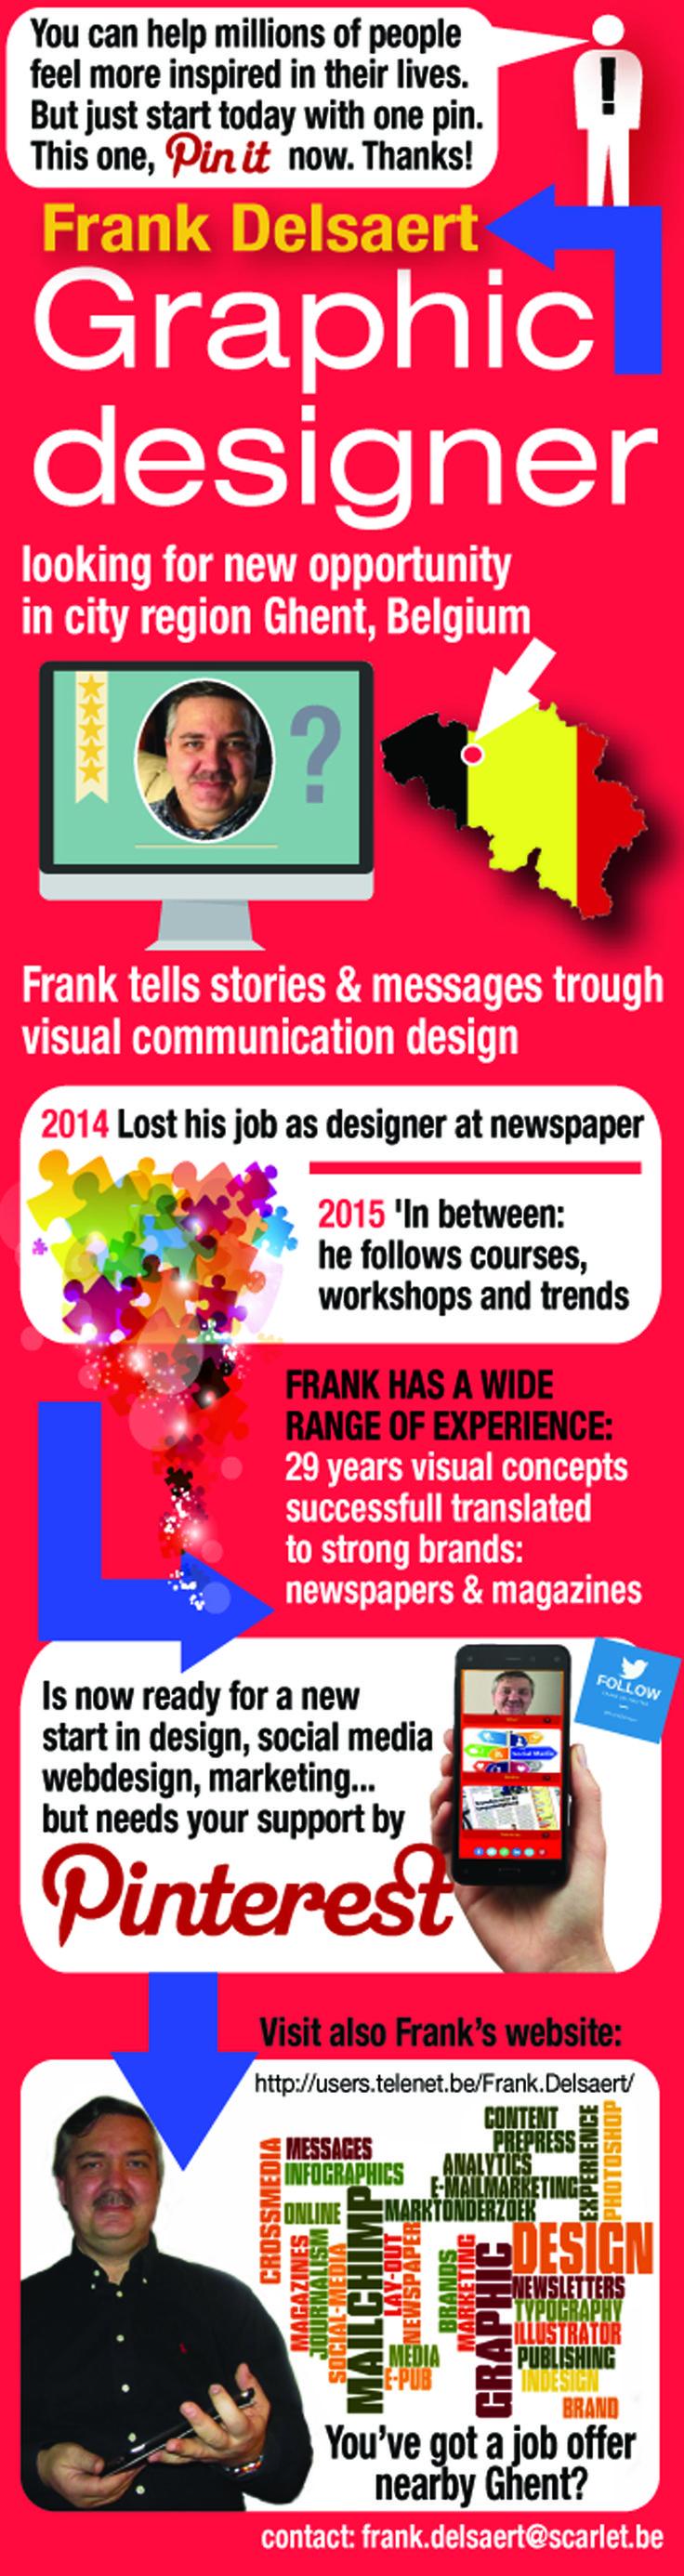 graphic designer looking for opportunity, looking for job, grafisch ontwerper zoekt job in regio Gent